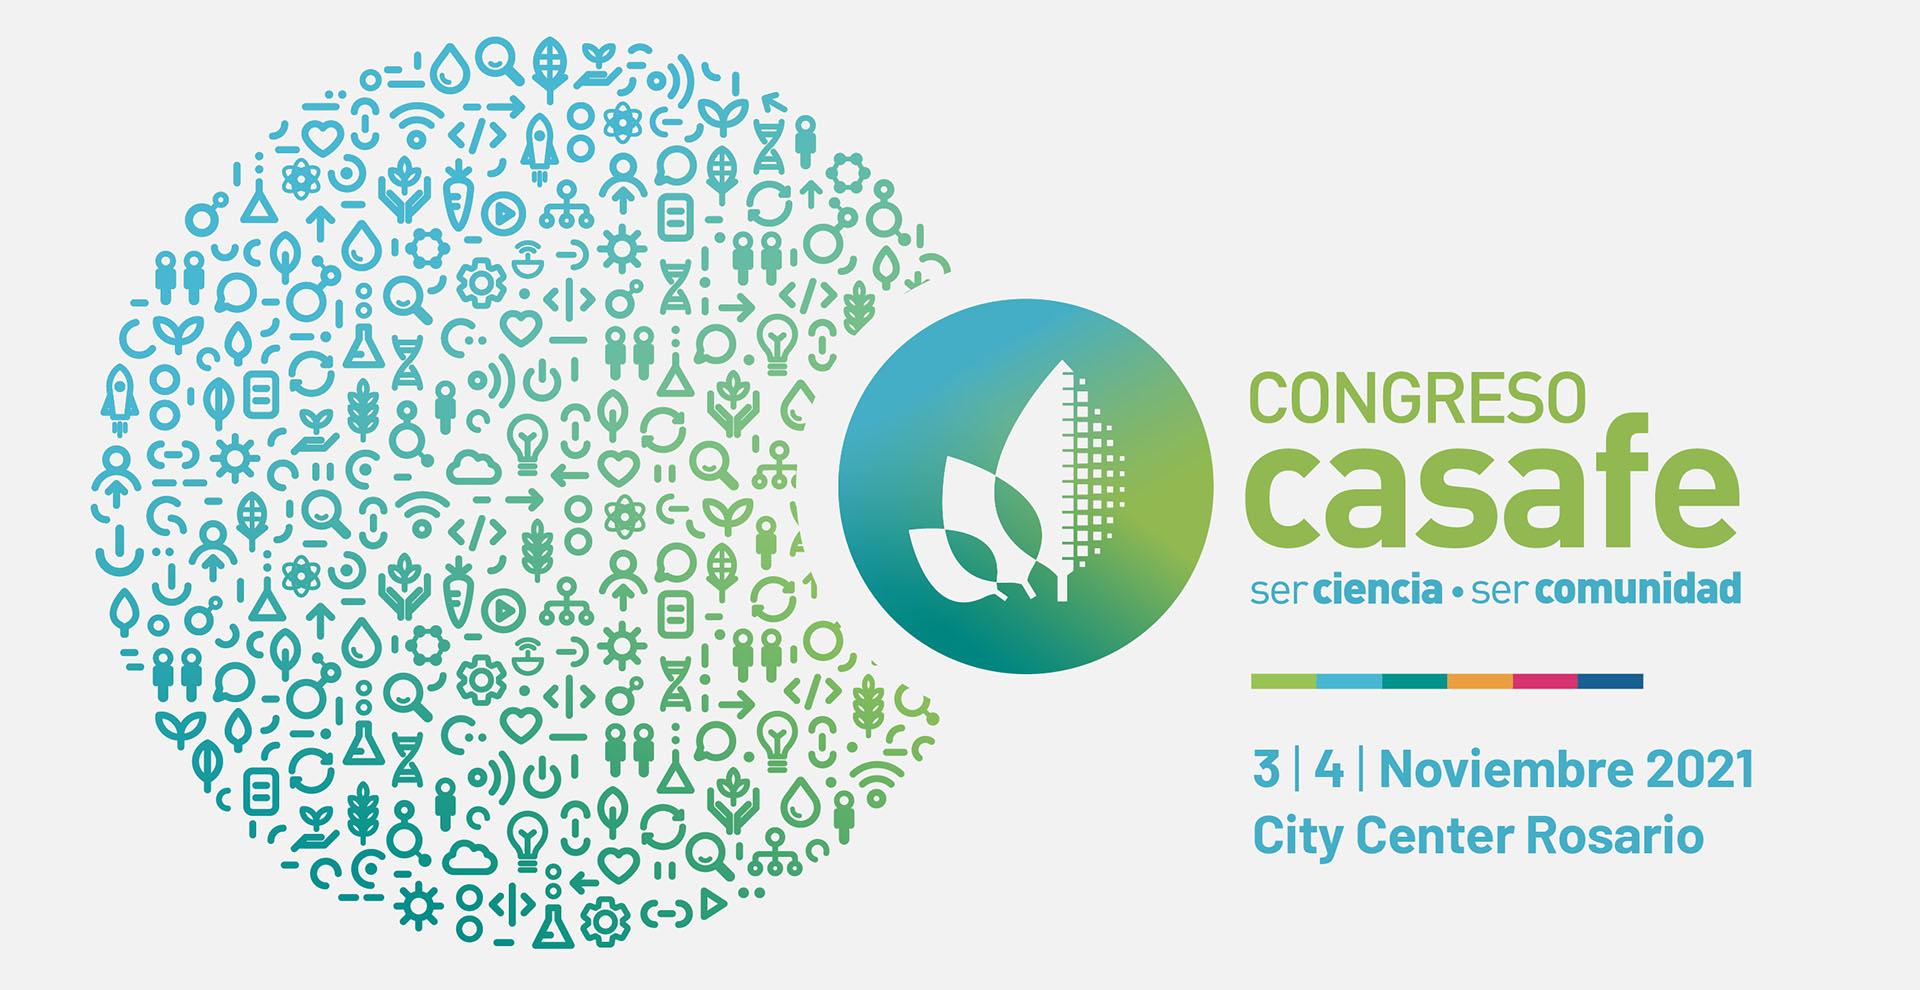 Congreso Casafe 2021 Ser Ciencia Ser Comunidad